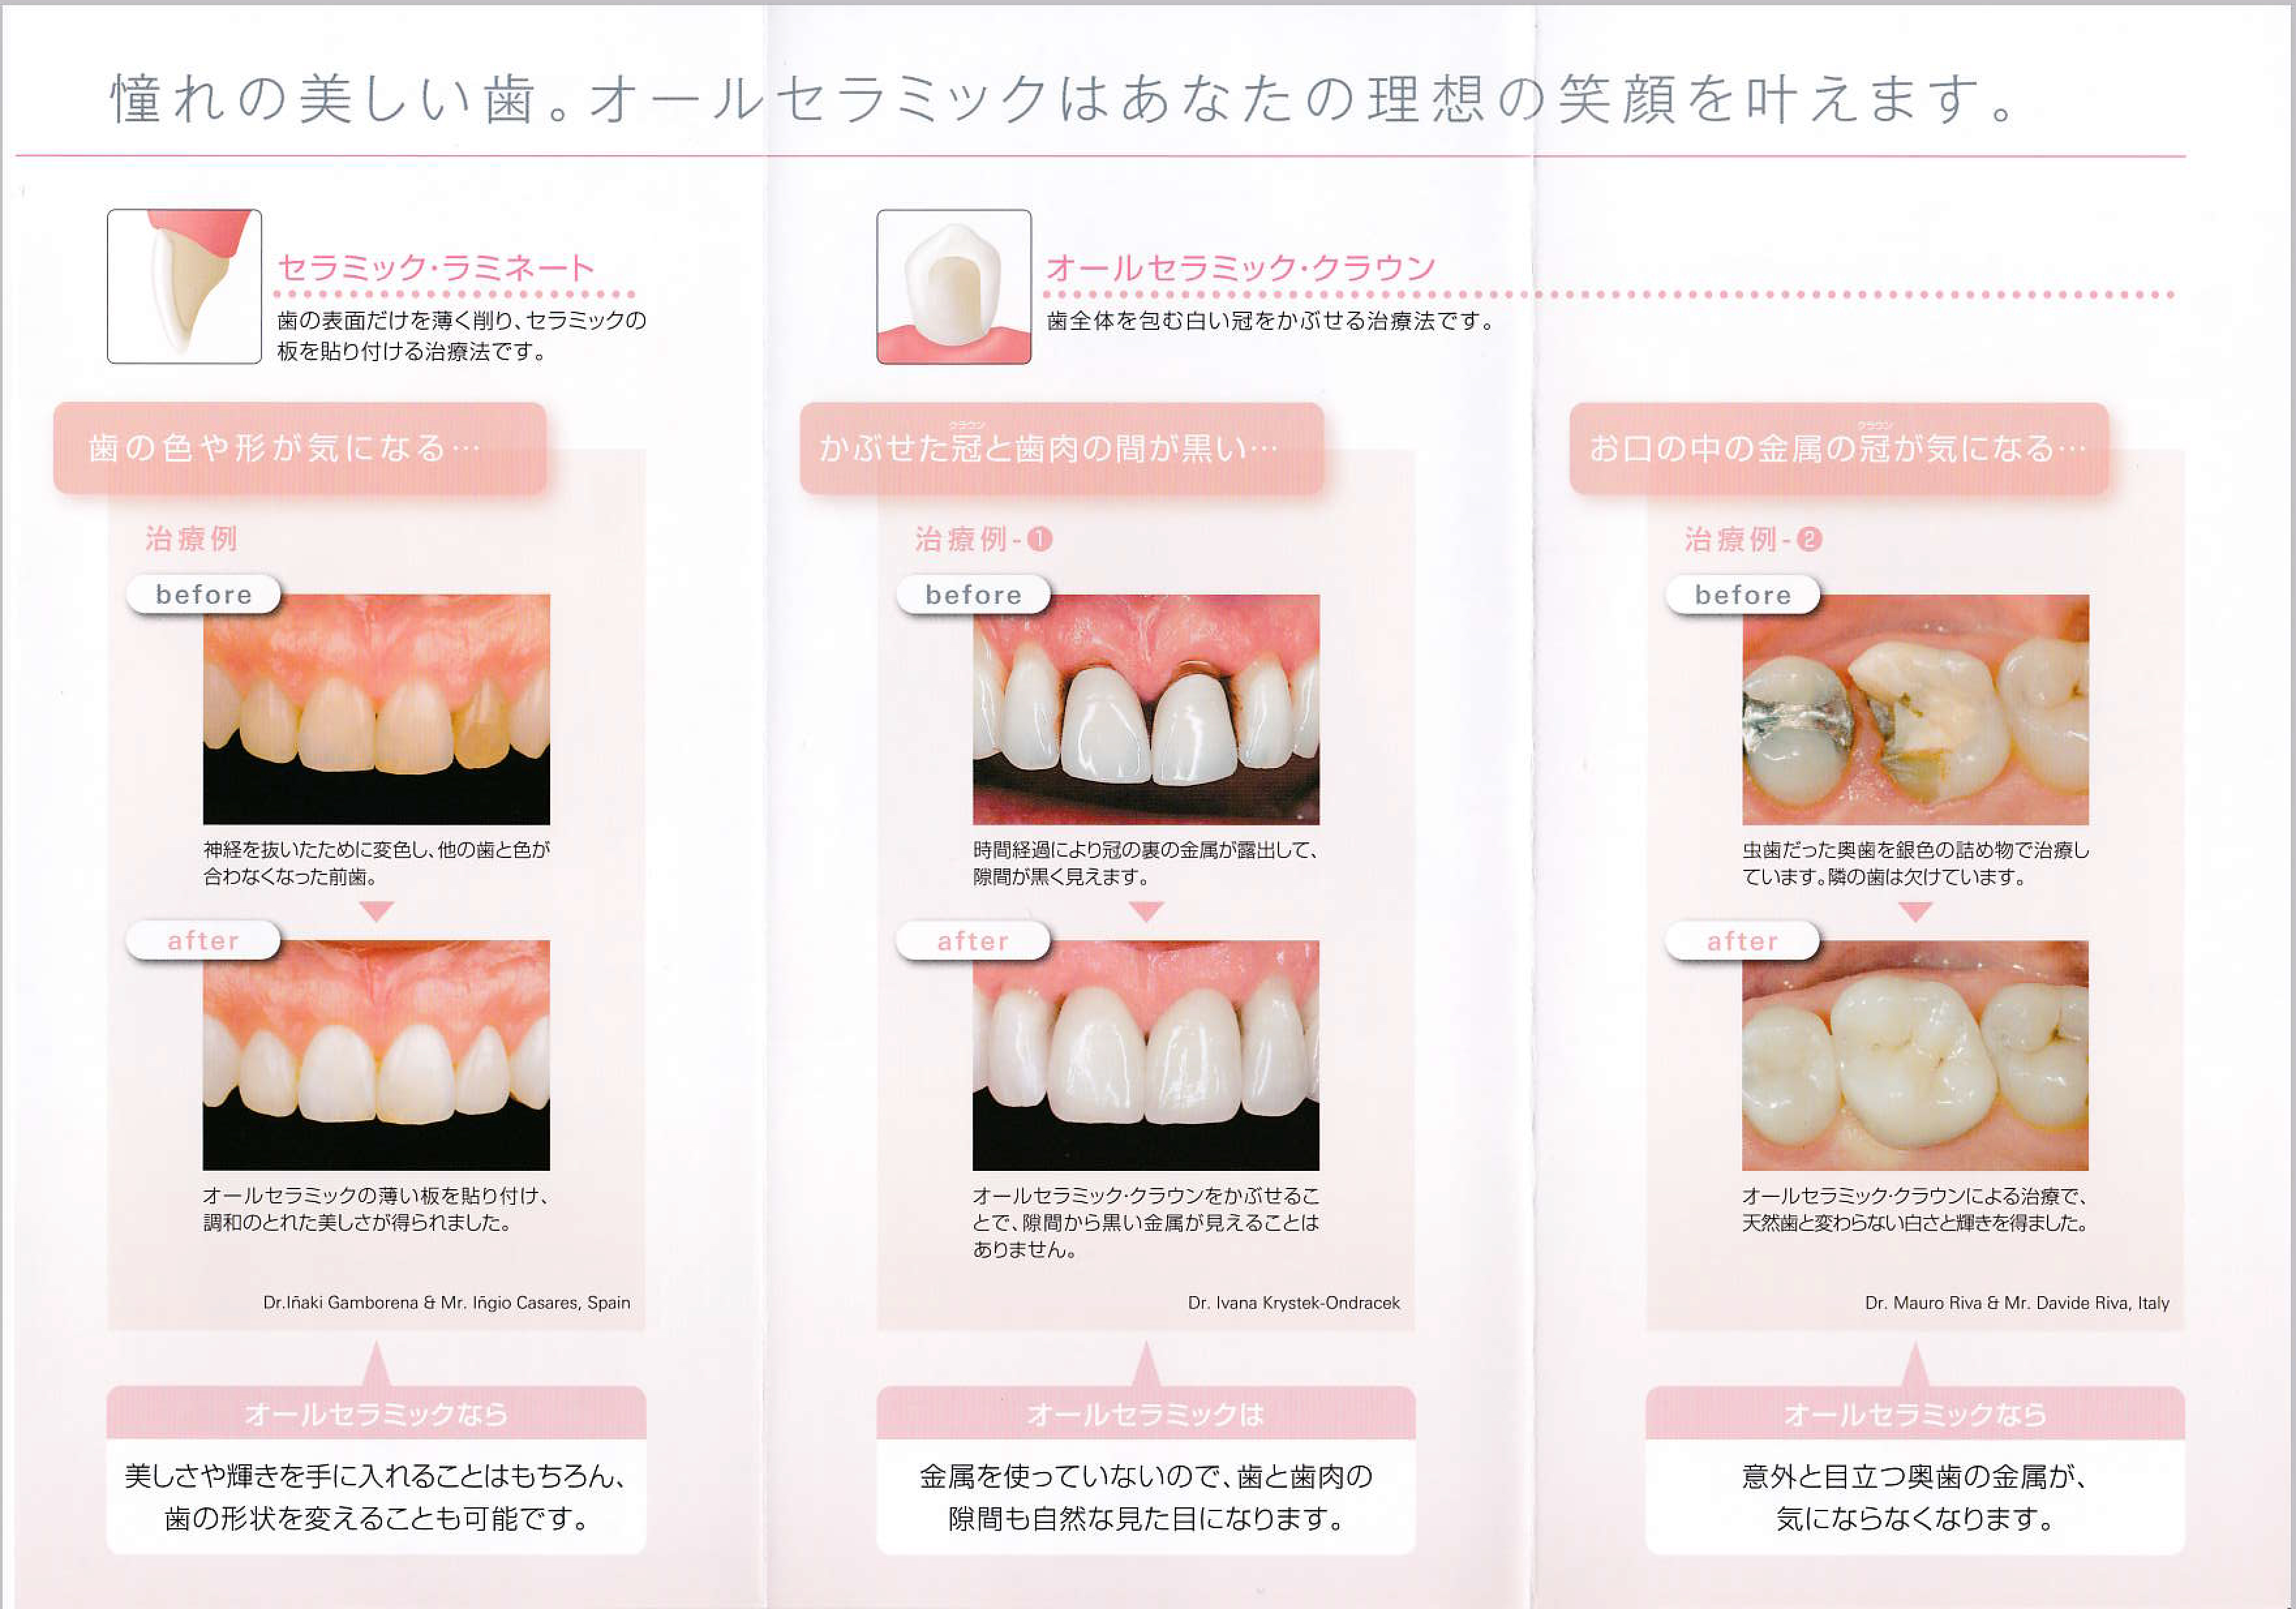 ひぐち歯科クリニック,北山田,センター北, センター南,CT検査,